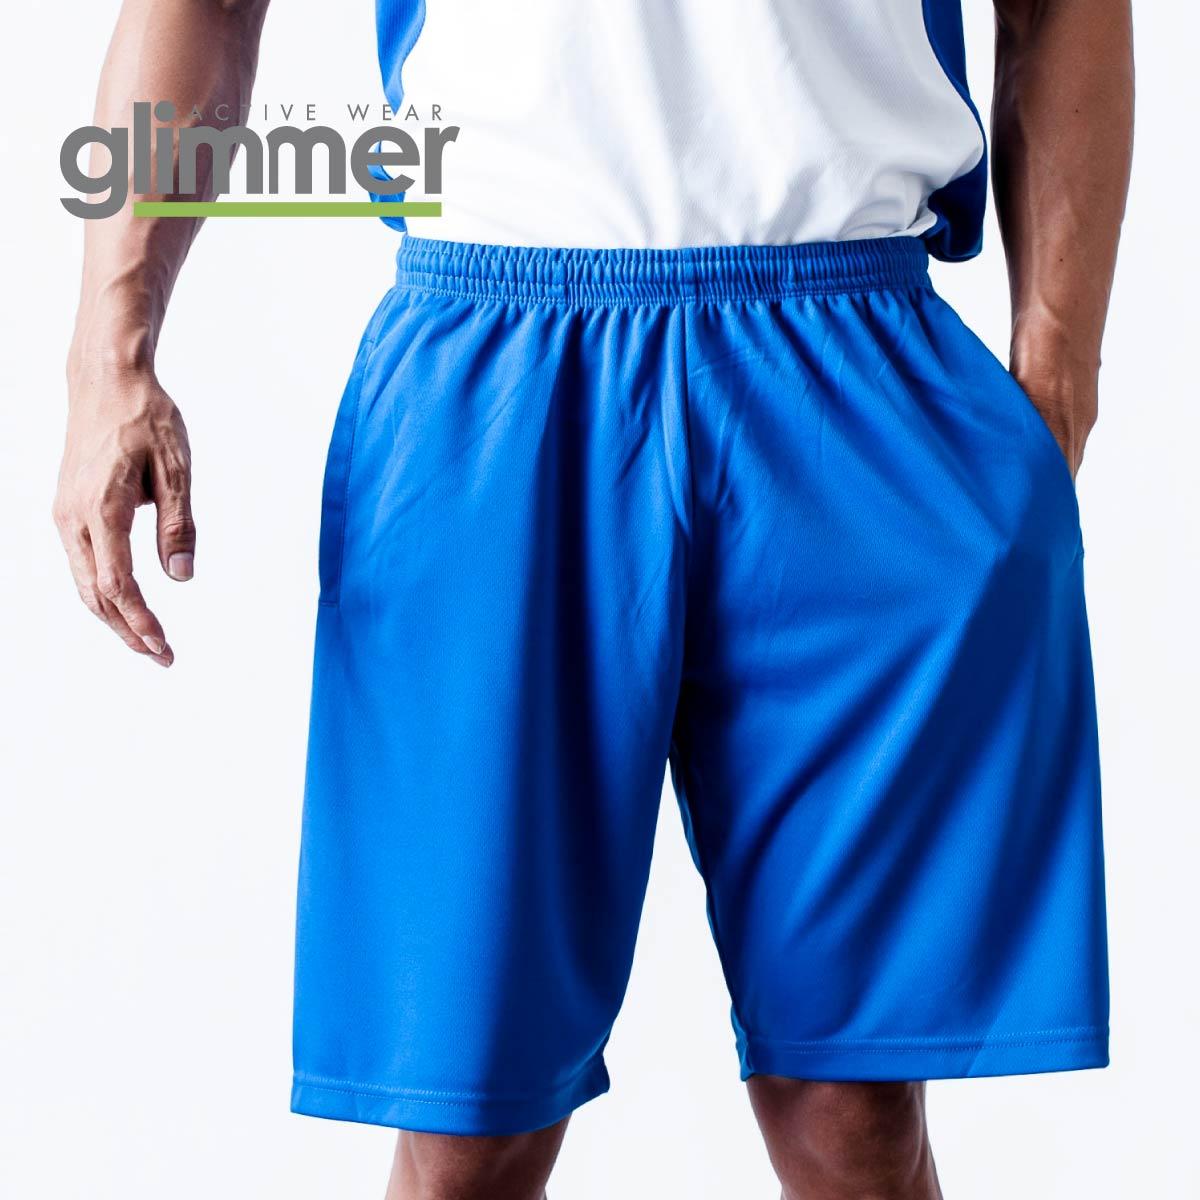 ハーフパンツ ドライ メンズ ファッション通販 吸汗 速乾 ポリエステル スポーツ GLIMMER グリマー ドライハーフパンツ 00325-ACP SS-LL キッズ 送料無料 ジュニア ジャージ 数量限定 トレーニング 325ACP 男女兼用 夏